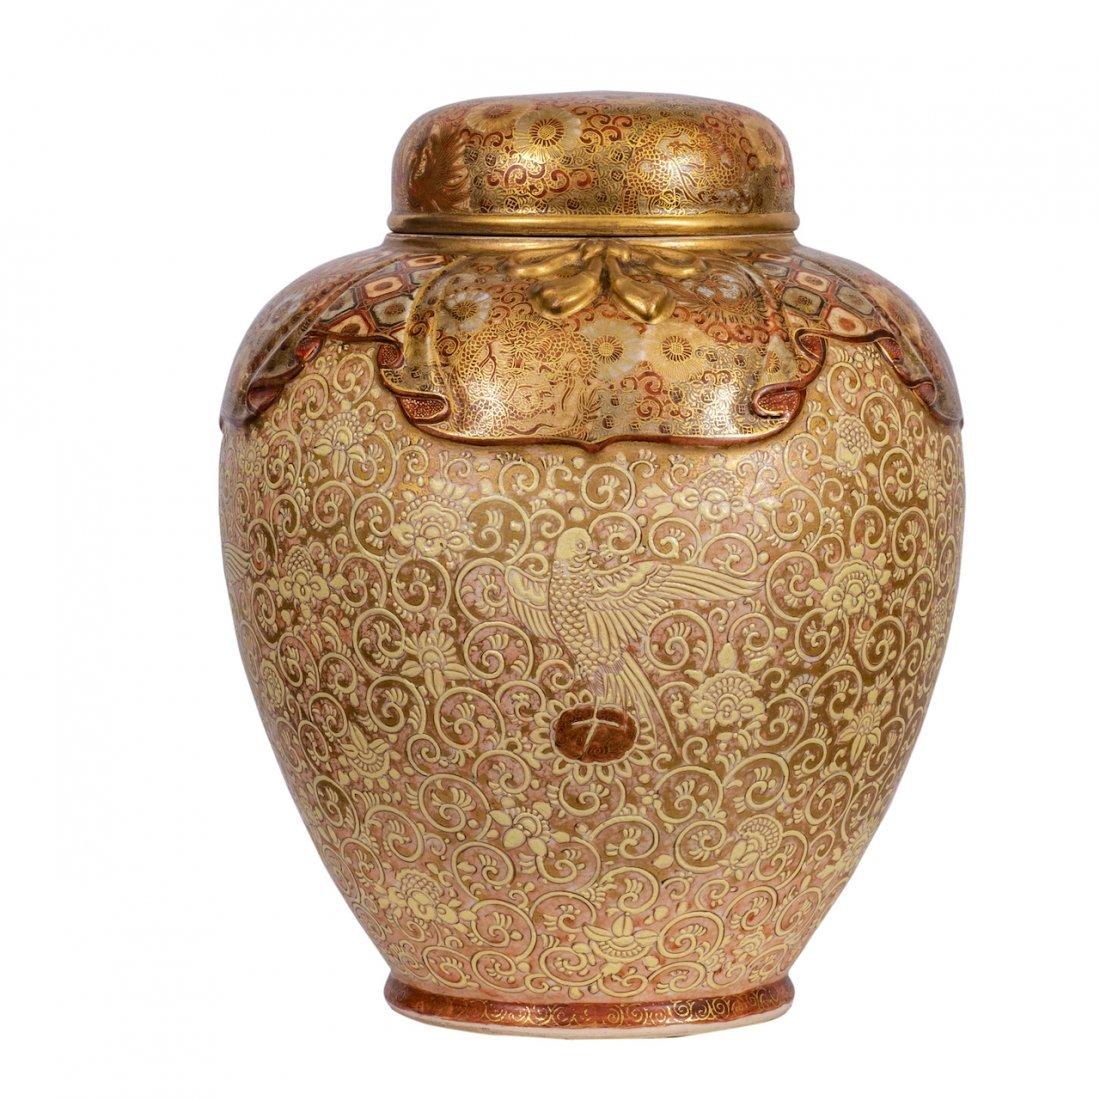 Japanese Satsuma Jar and Cover, Shuzan, Meiji